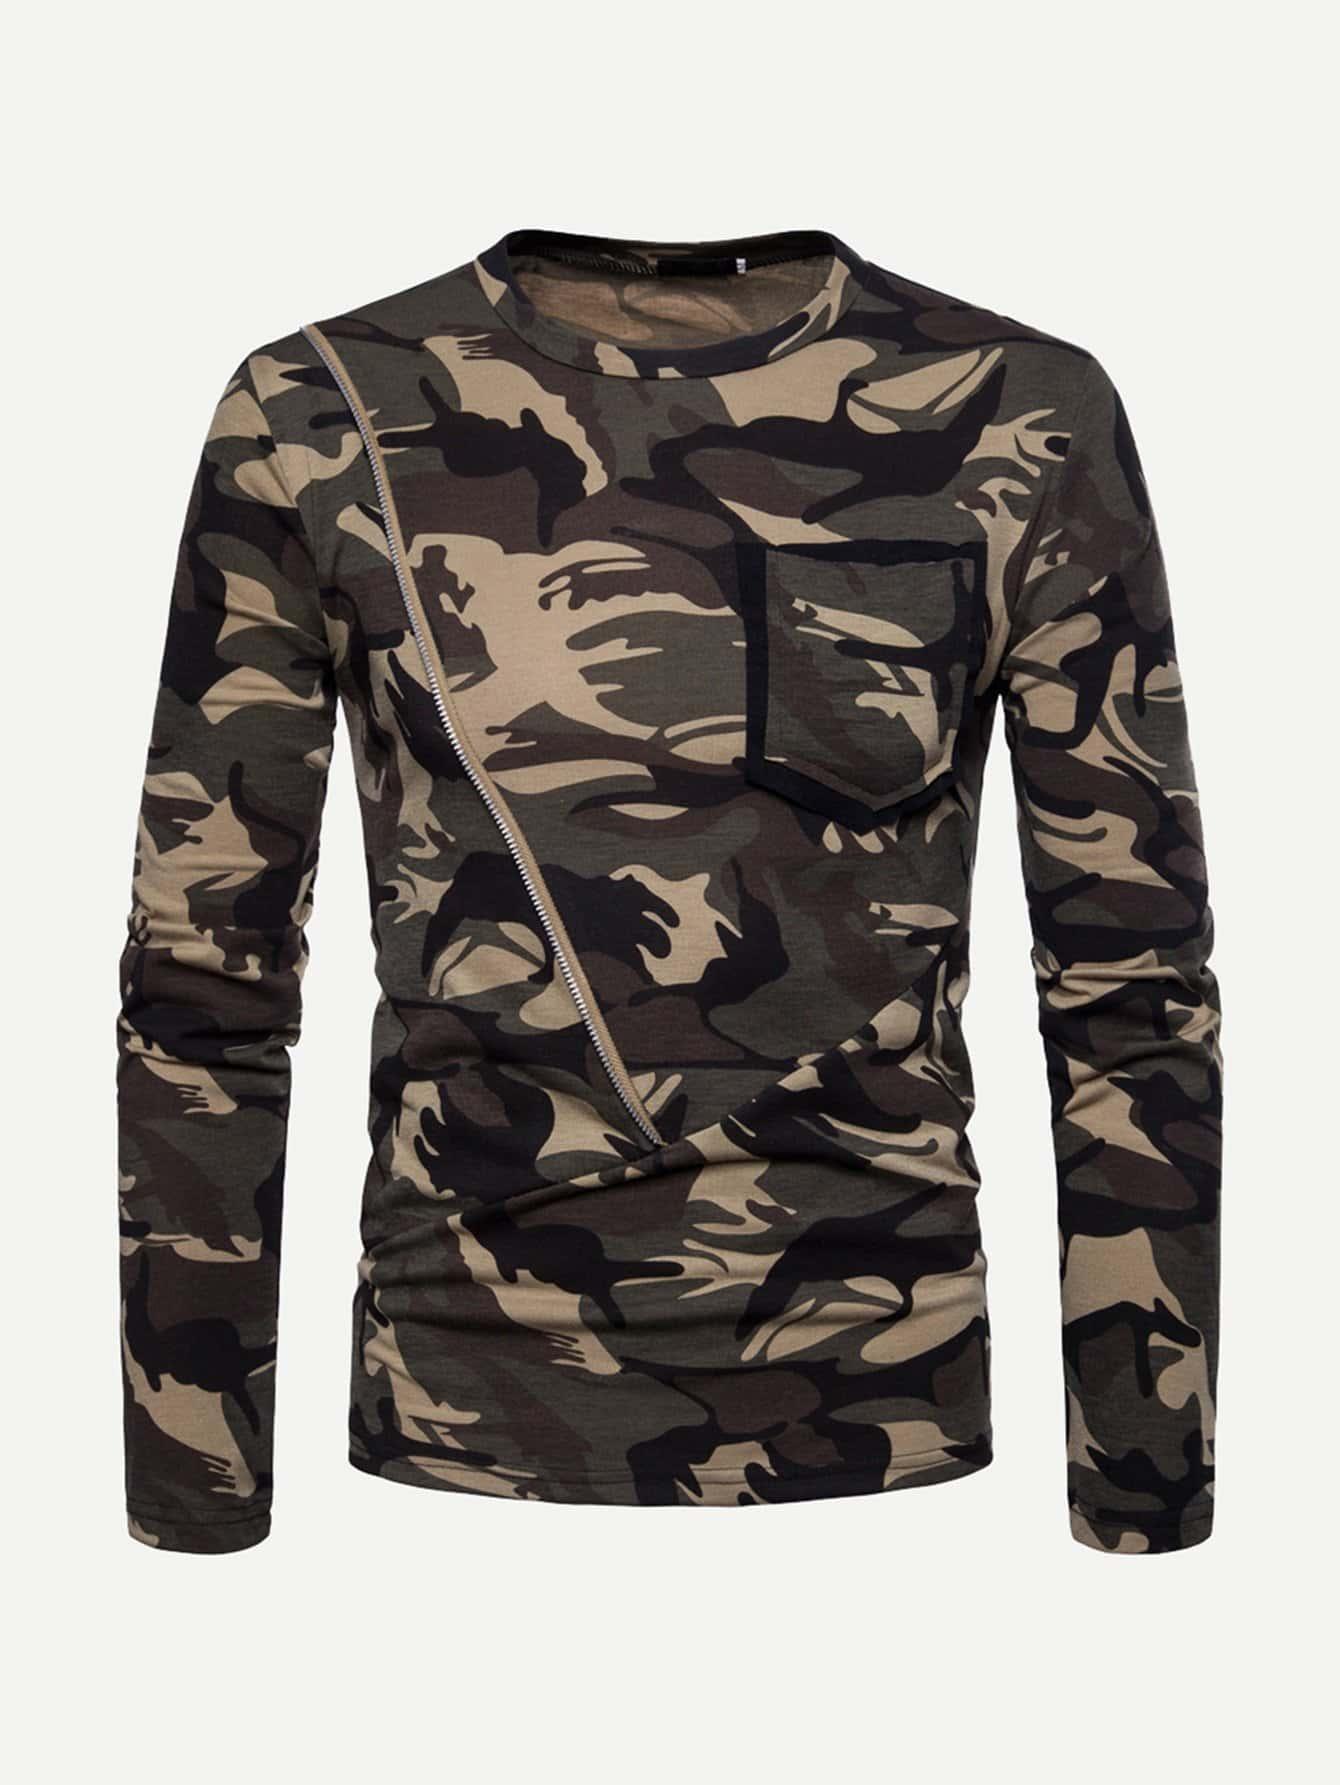 Купить Камуфляжная футболка с длинными рукавами для мужчины, null, SheIn